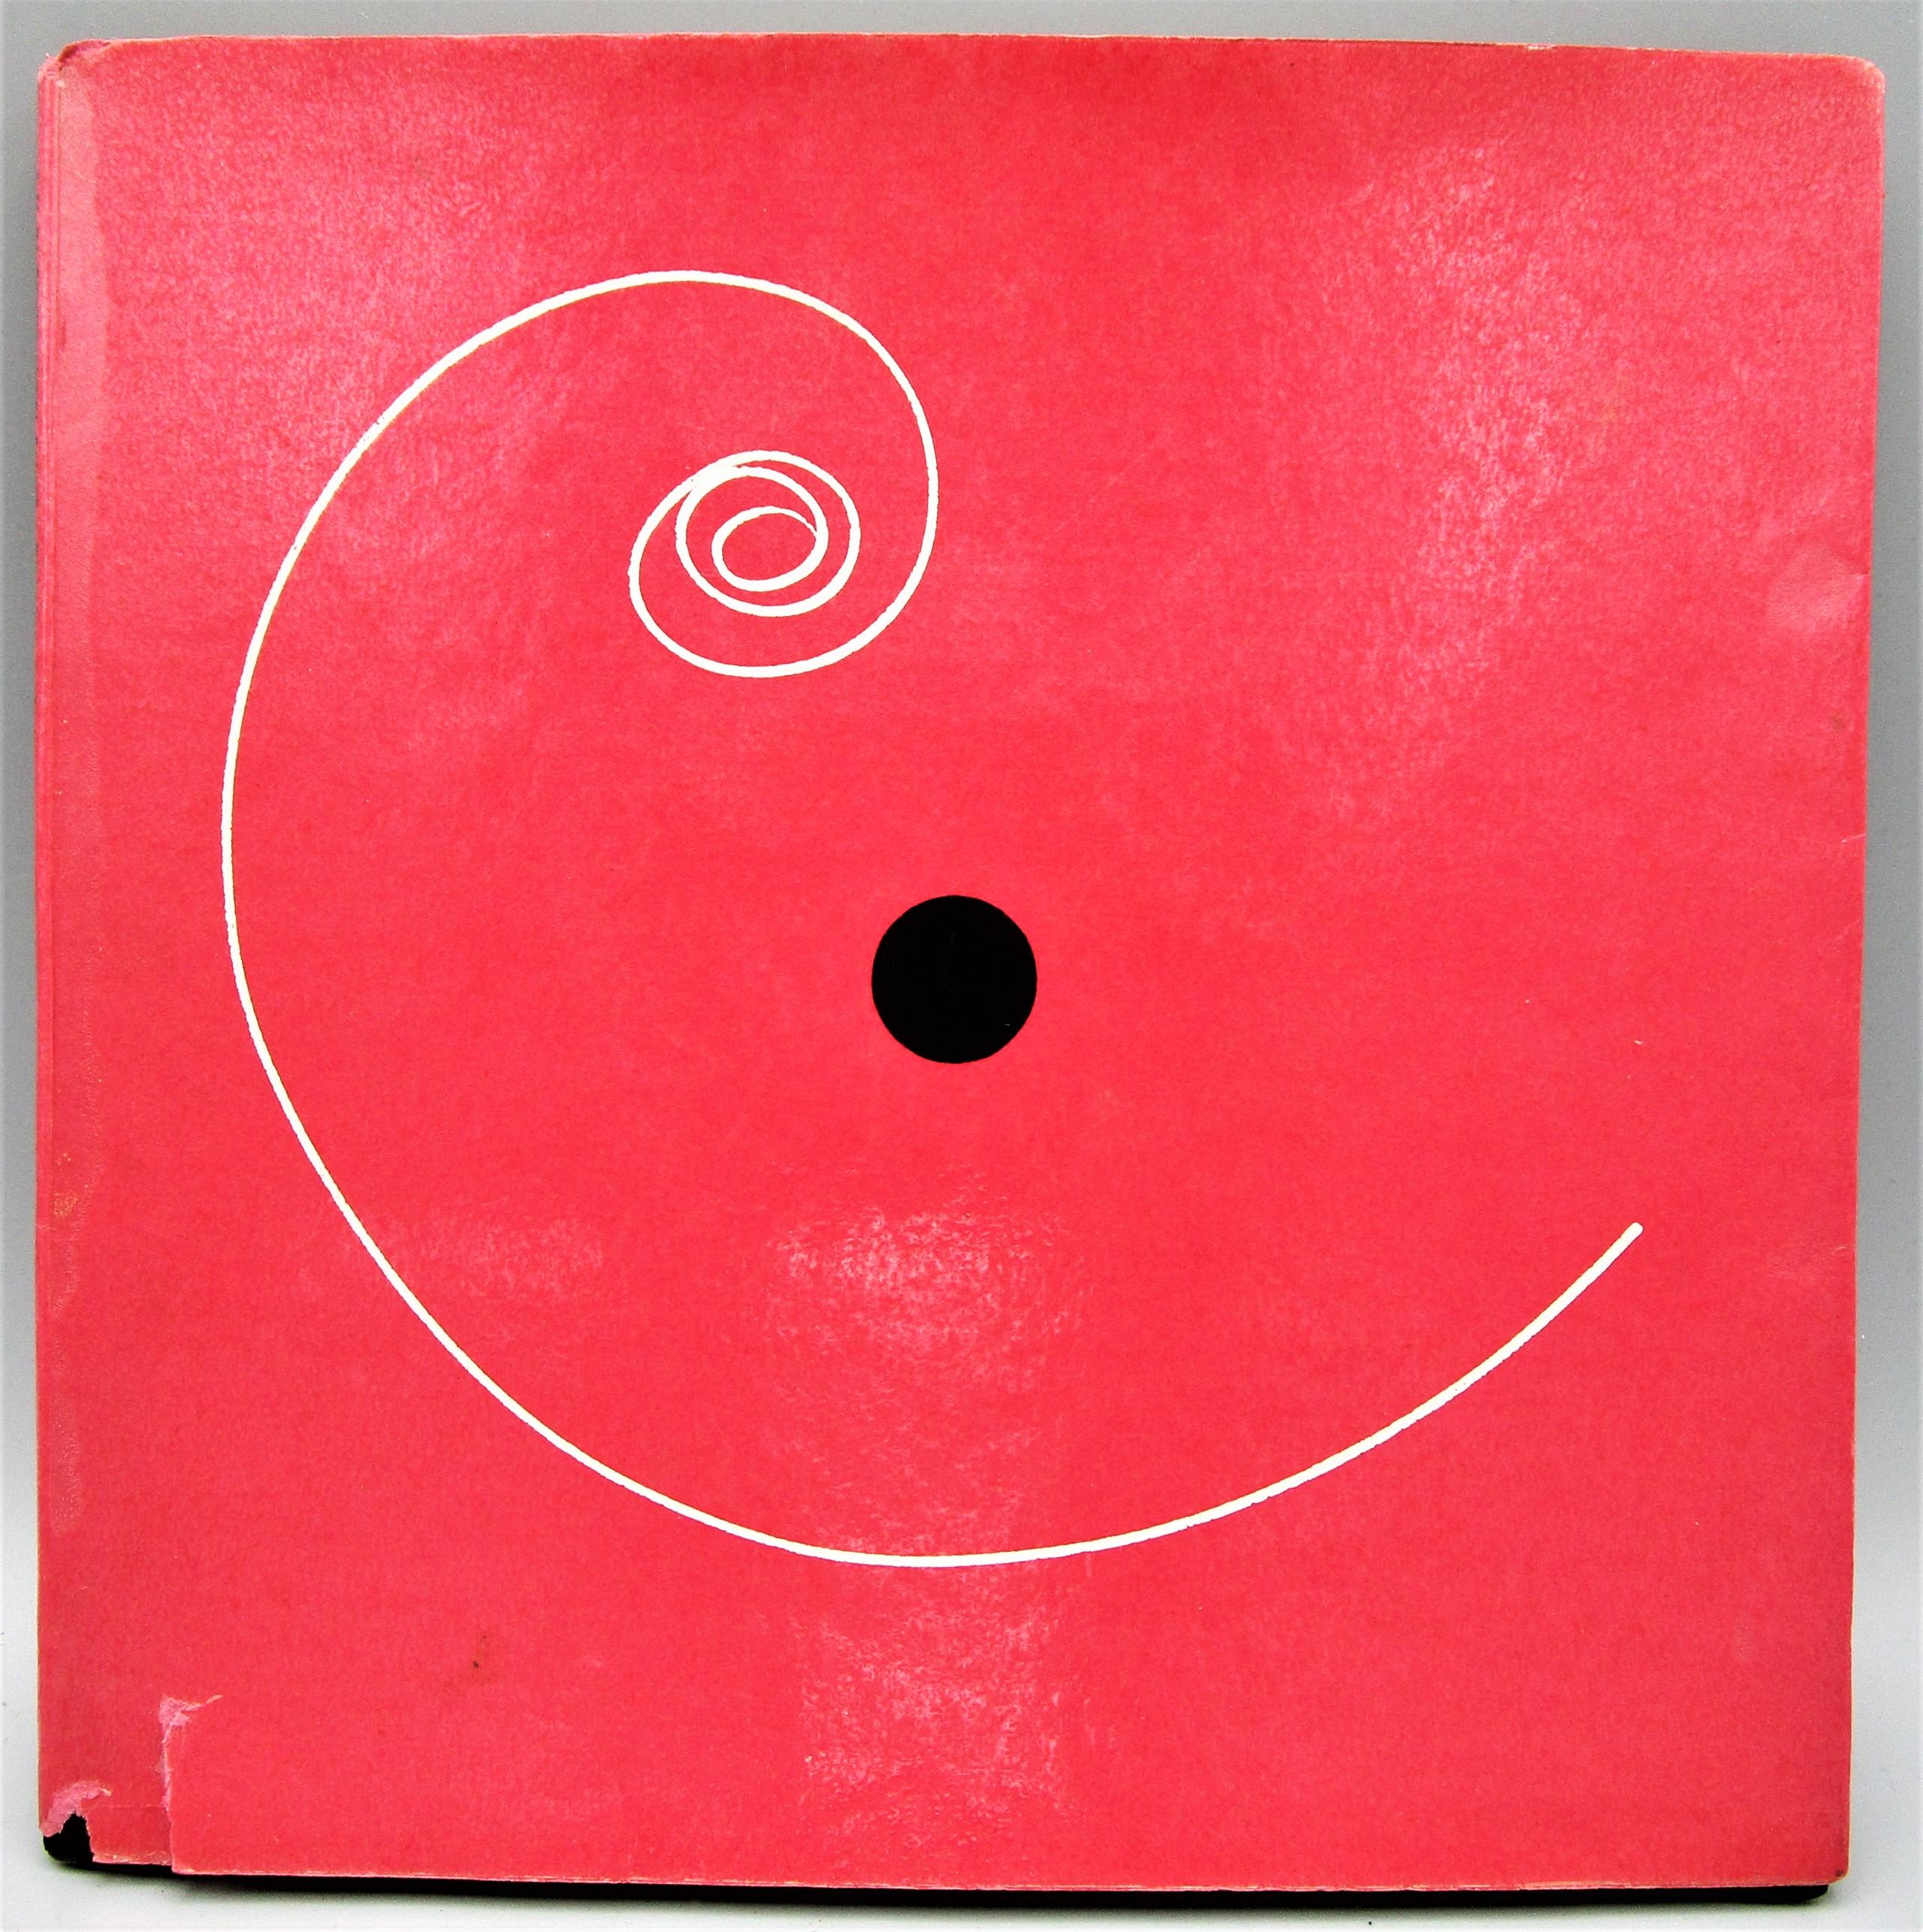 LIBRO ILLEGGIBILE N.Y. 1, by Bruno Munari - 1967 [Ltd Ed: 1625/2000]